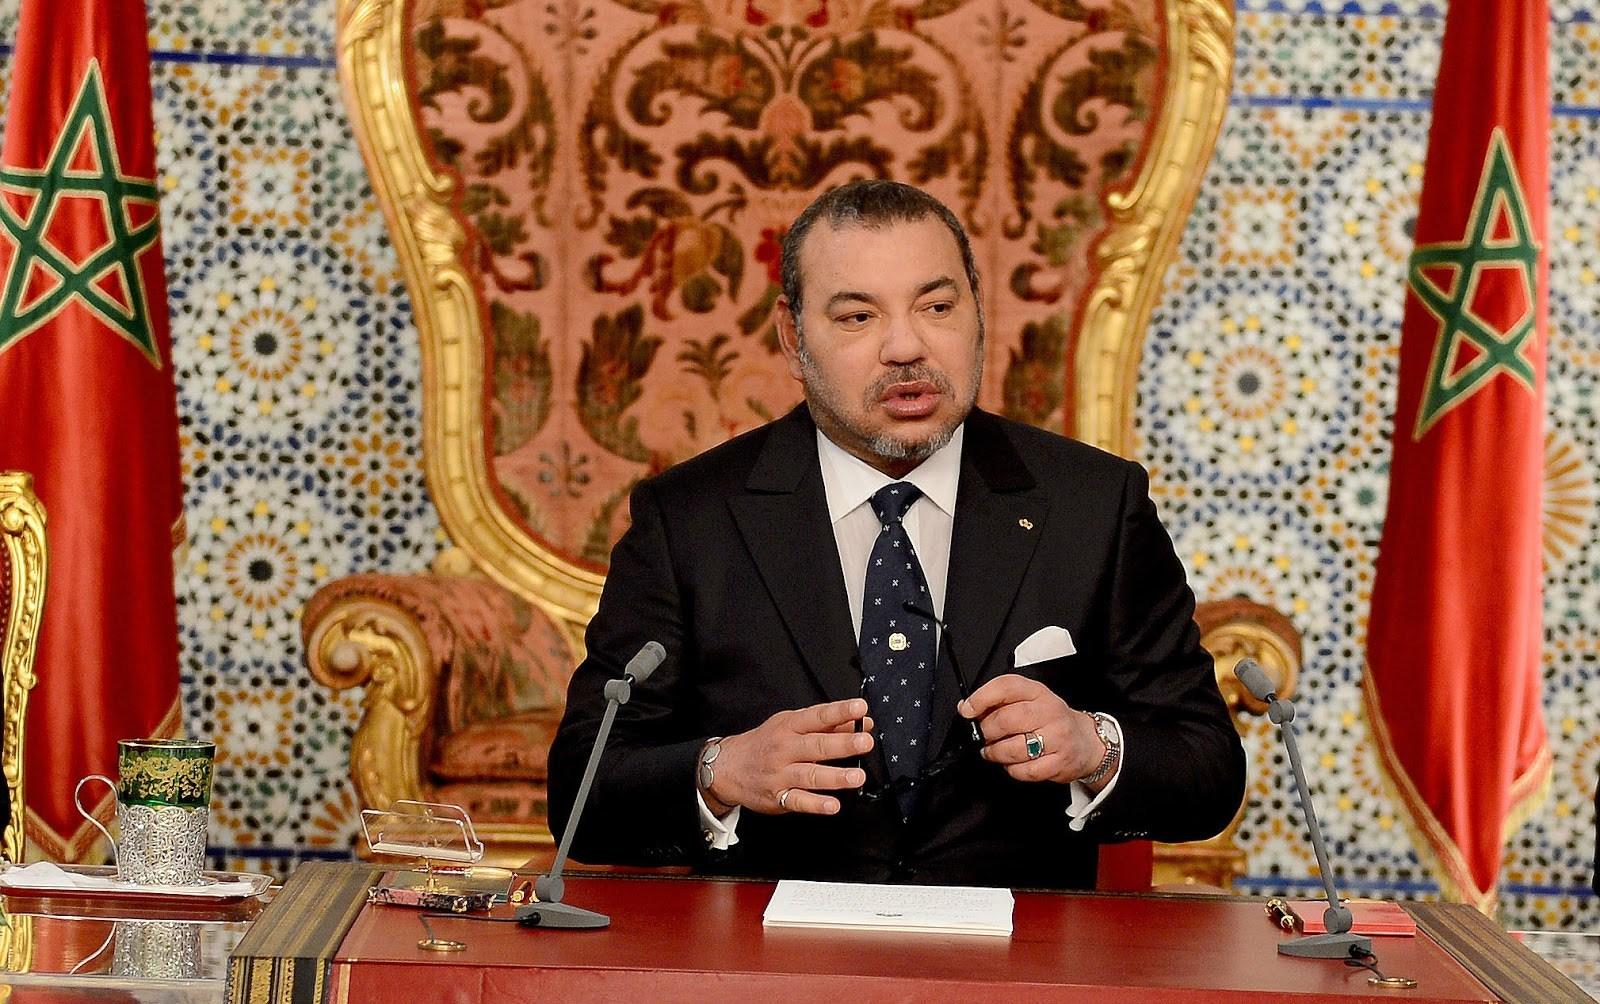 ملك المغرب يدعو الحكومة لإعادة هيكلة شاملة وعميقة